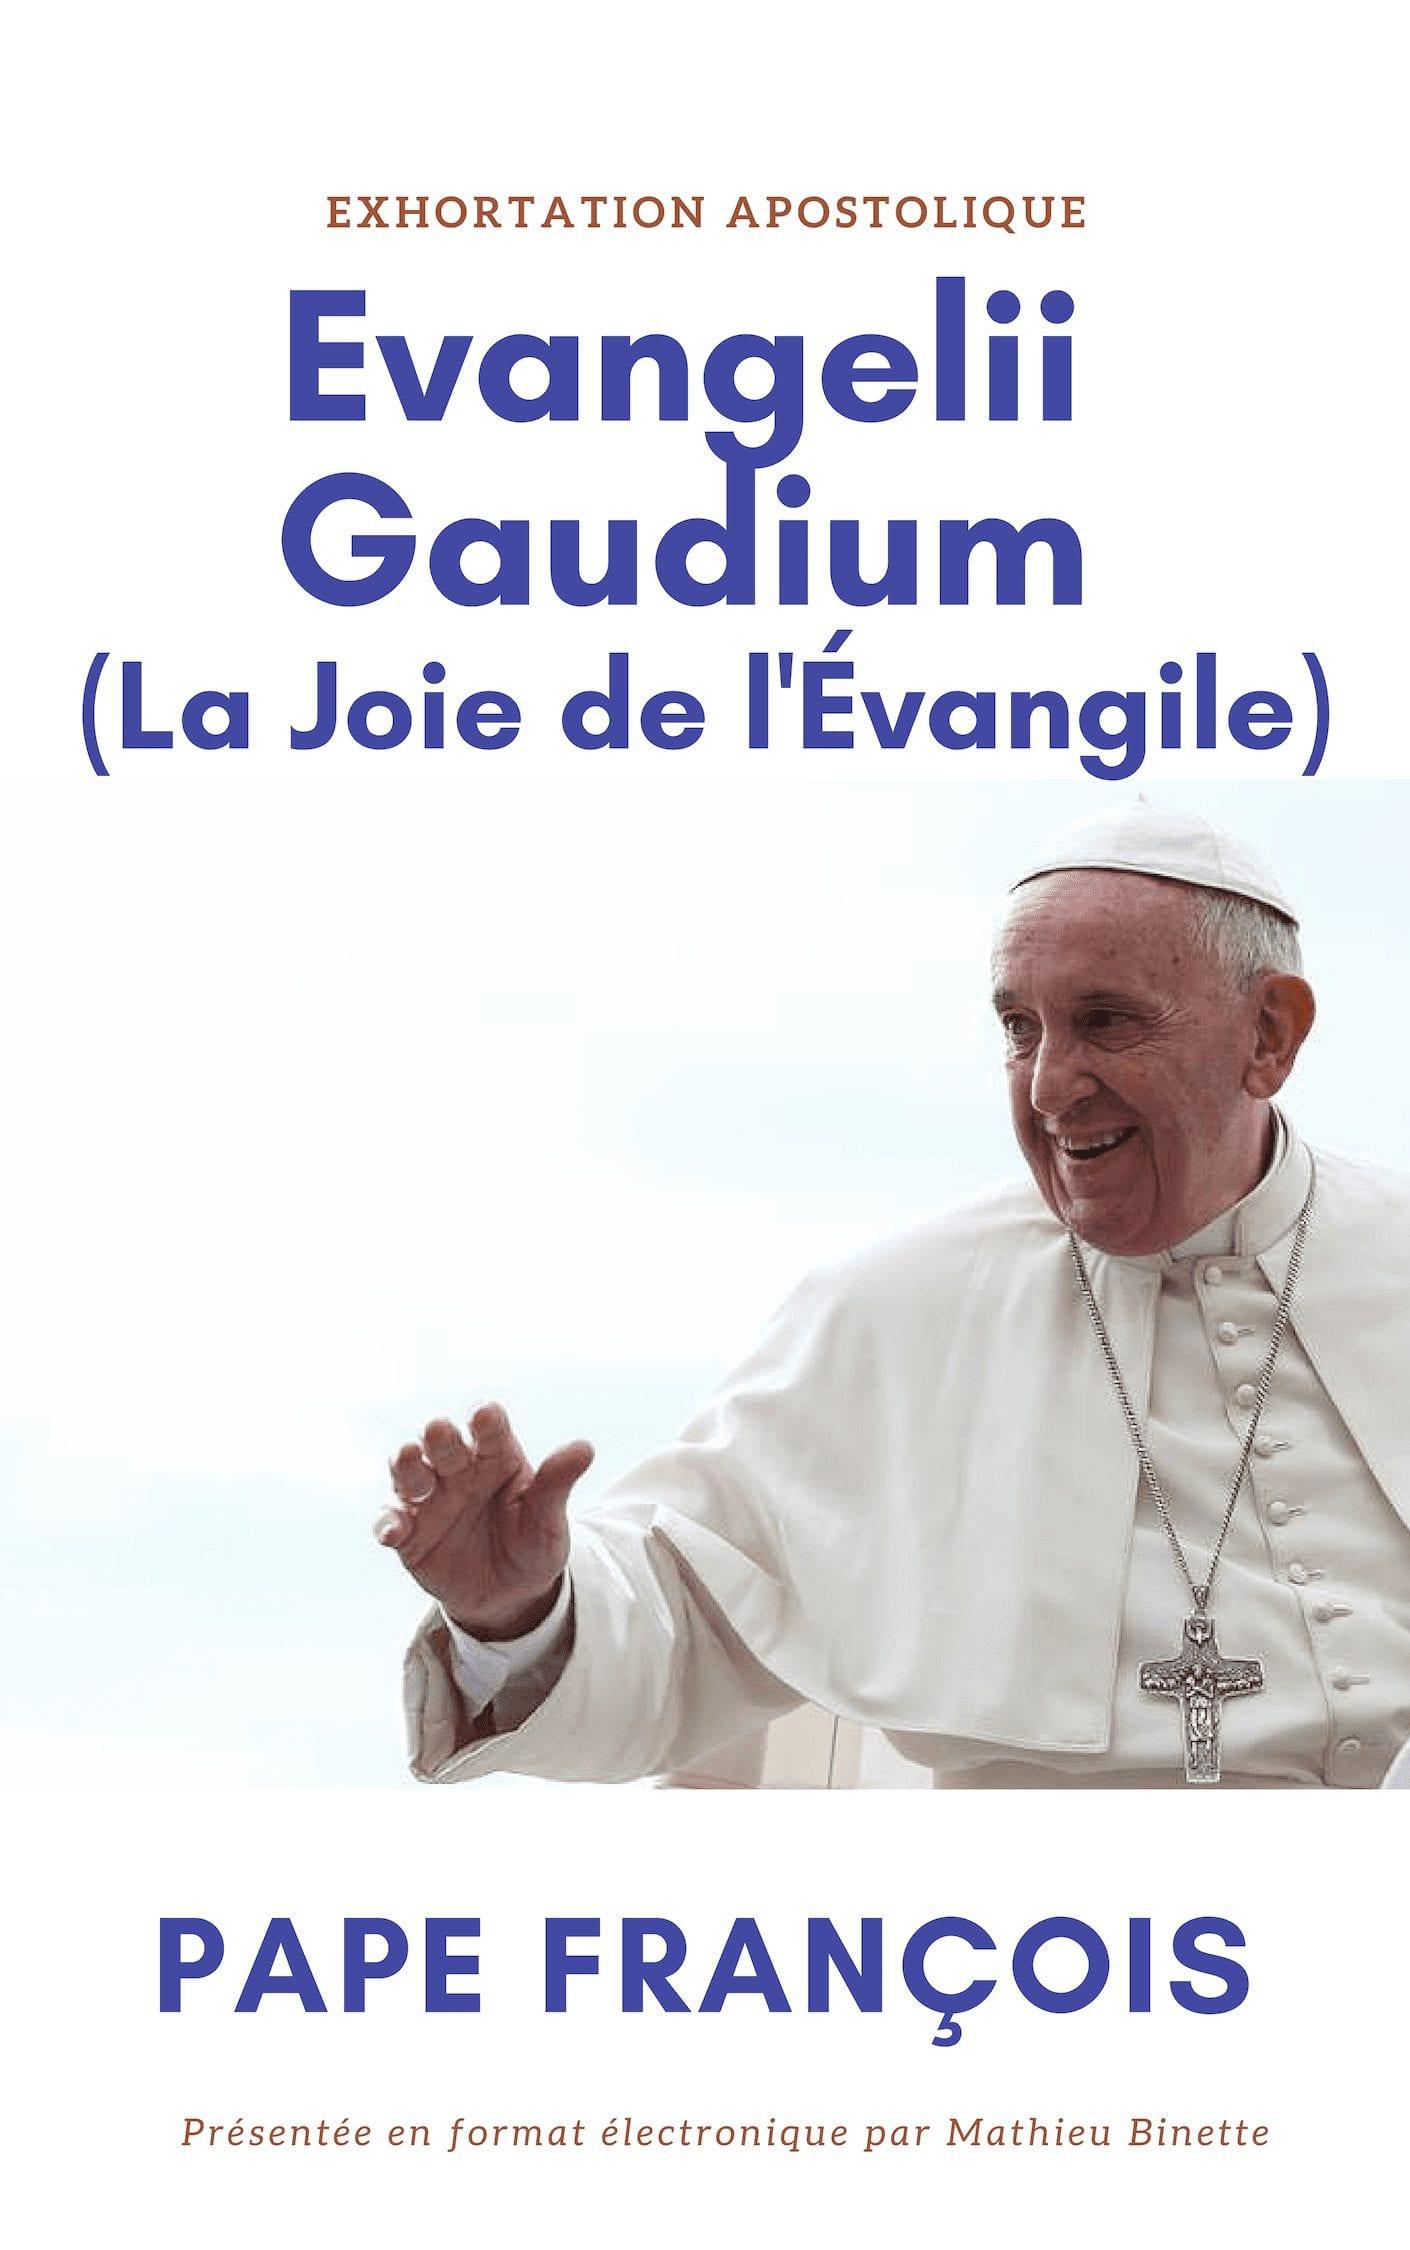 Télécharger Evangelii Gaudium (La Joie de l'Amour) en format électronique